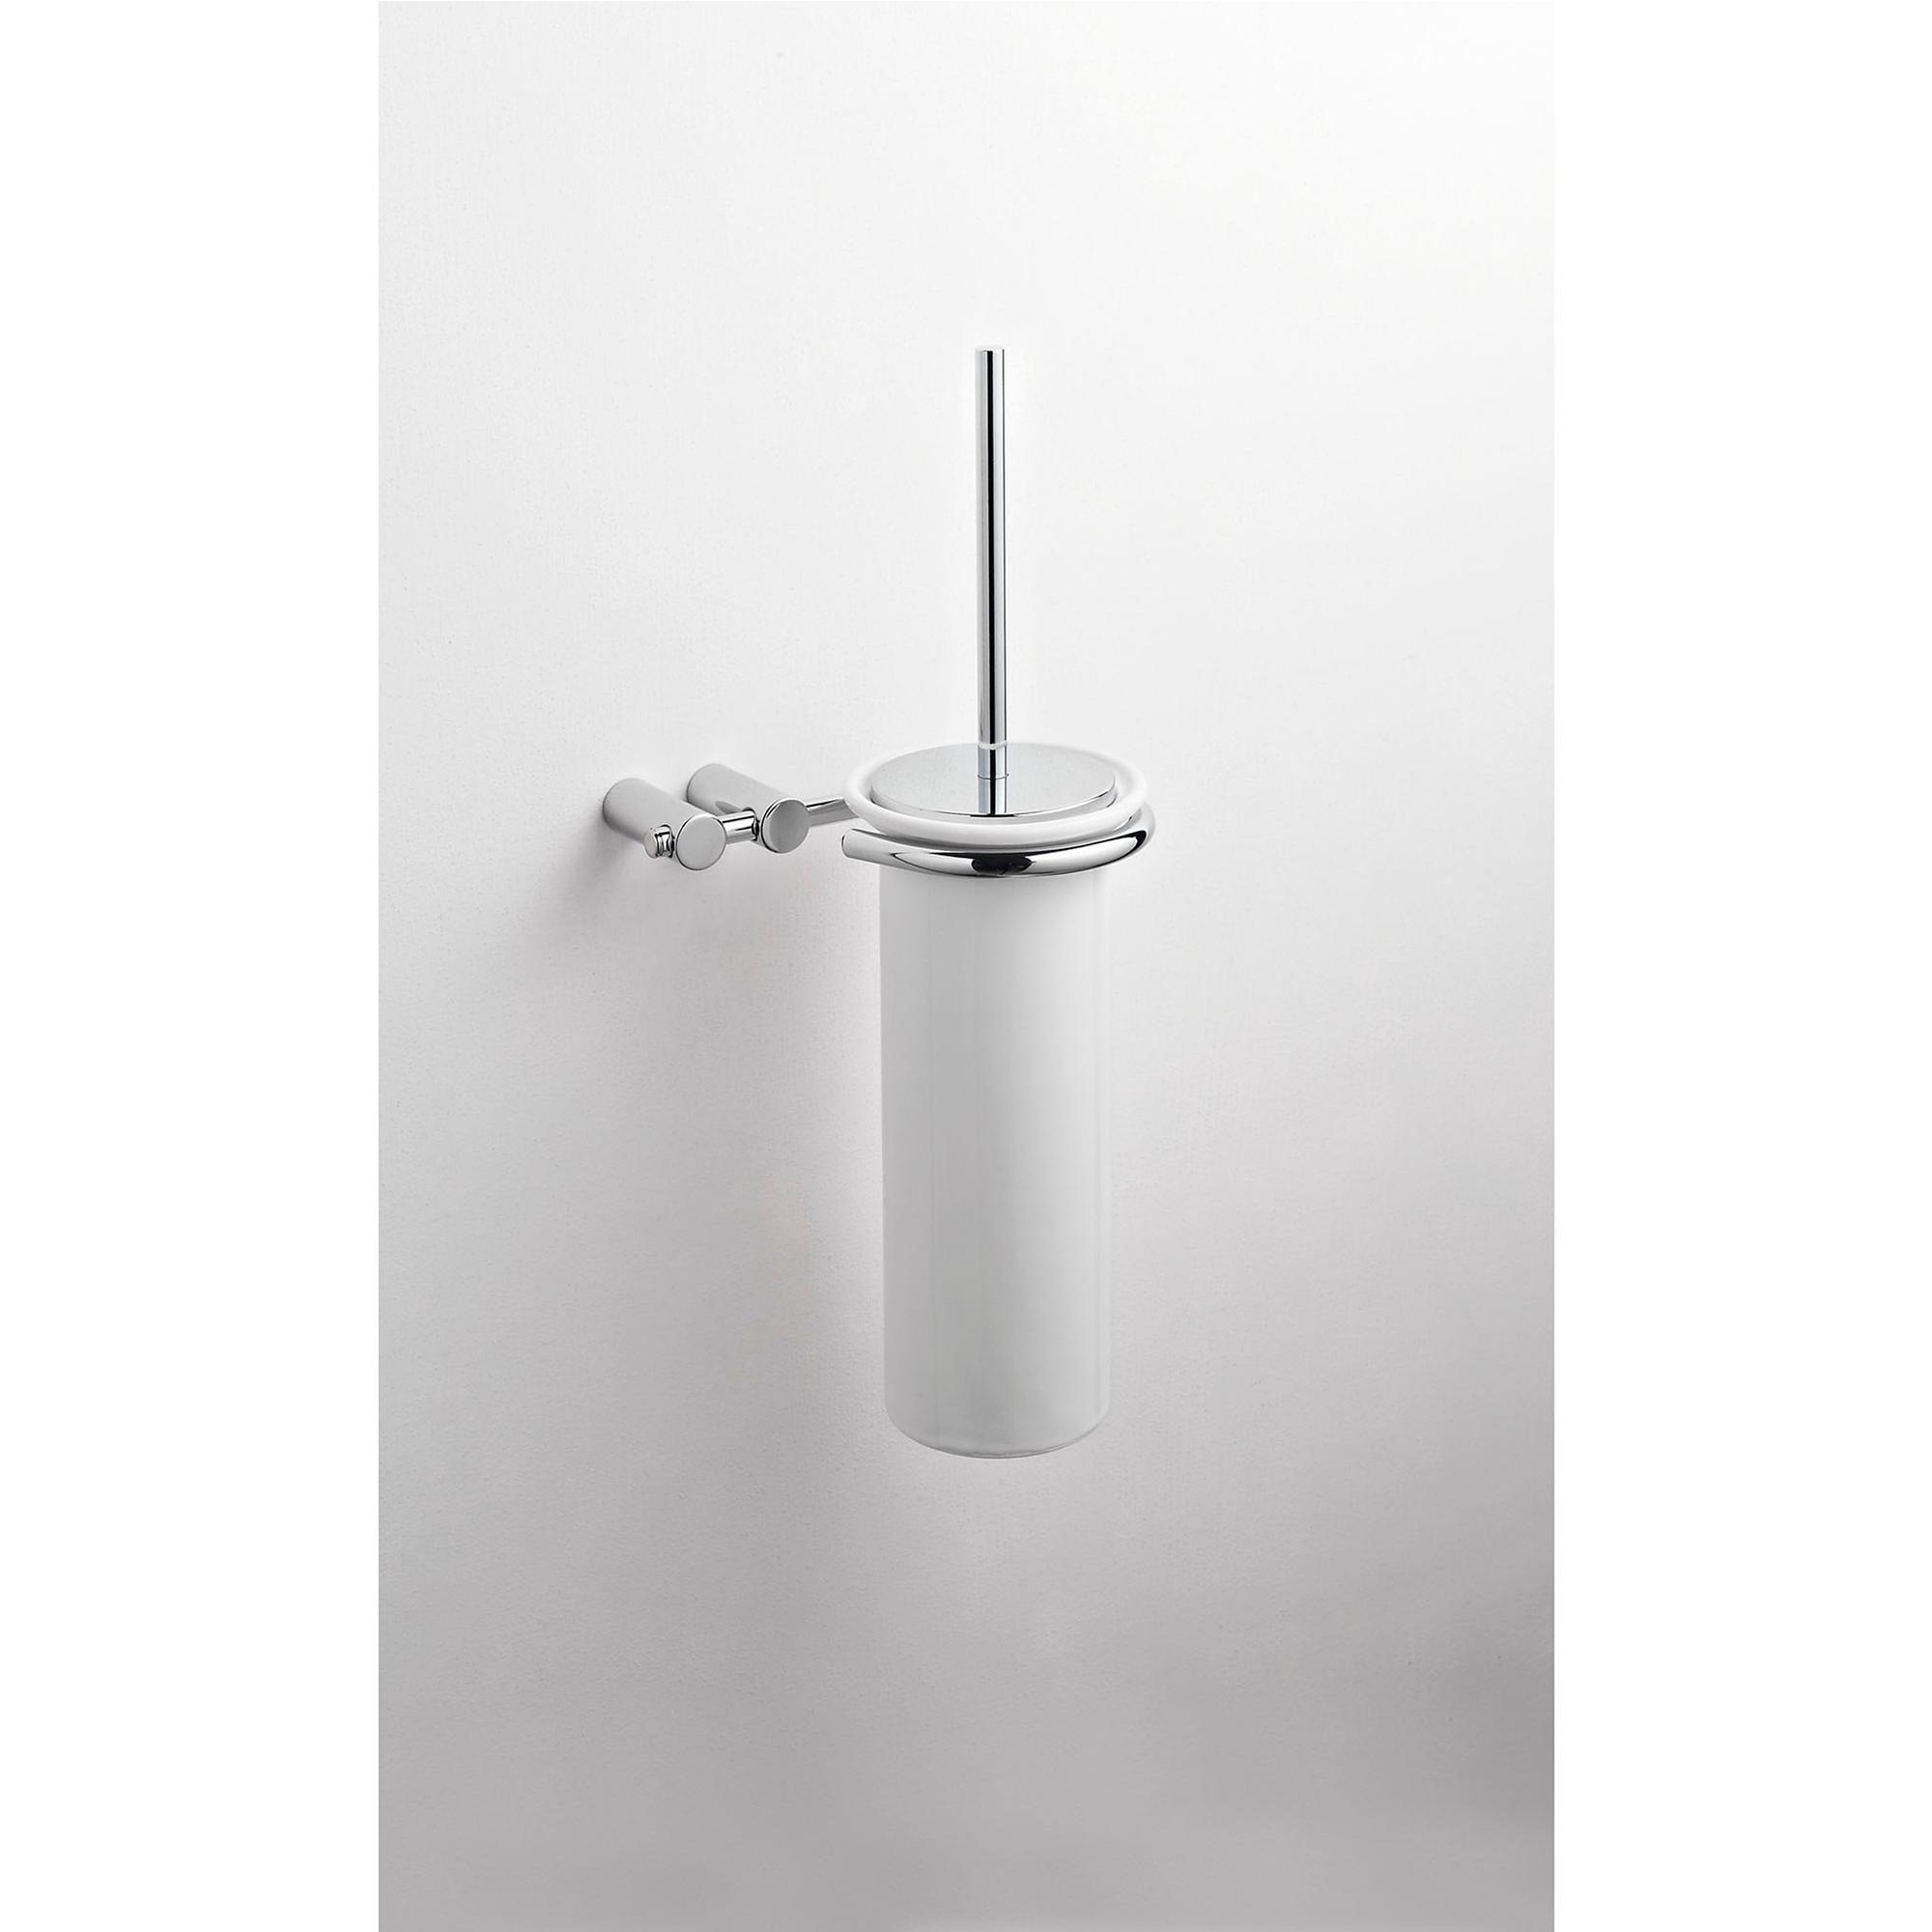 Porta scopino sospeso da bagno 16x15xh39 cm in ceramica fissaggio stop e viti cqubo stilcasa - Porta scopino bagno ...